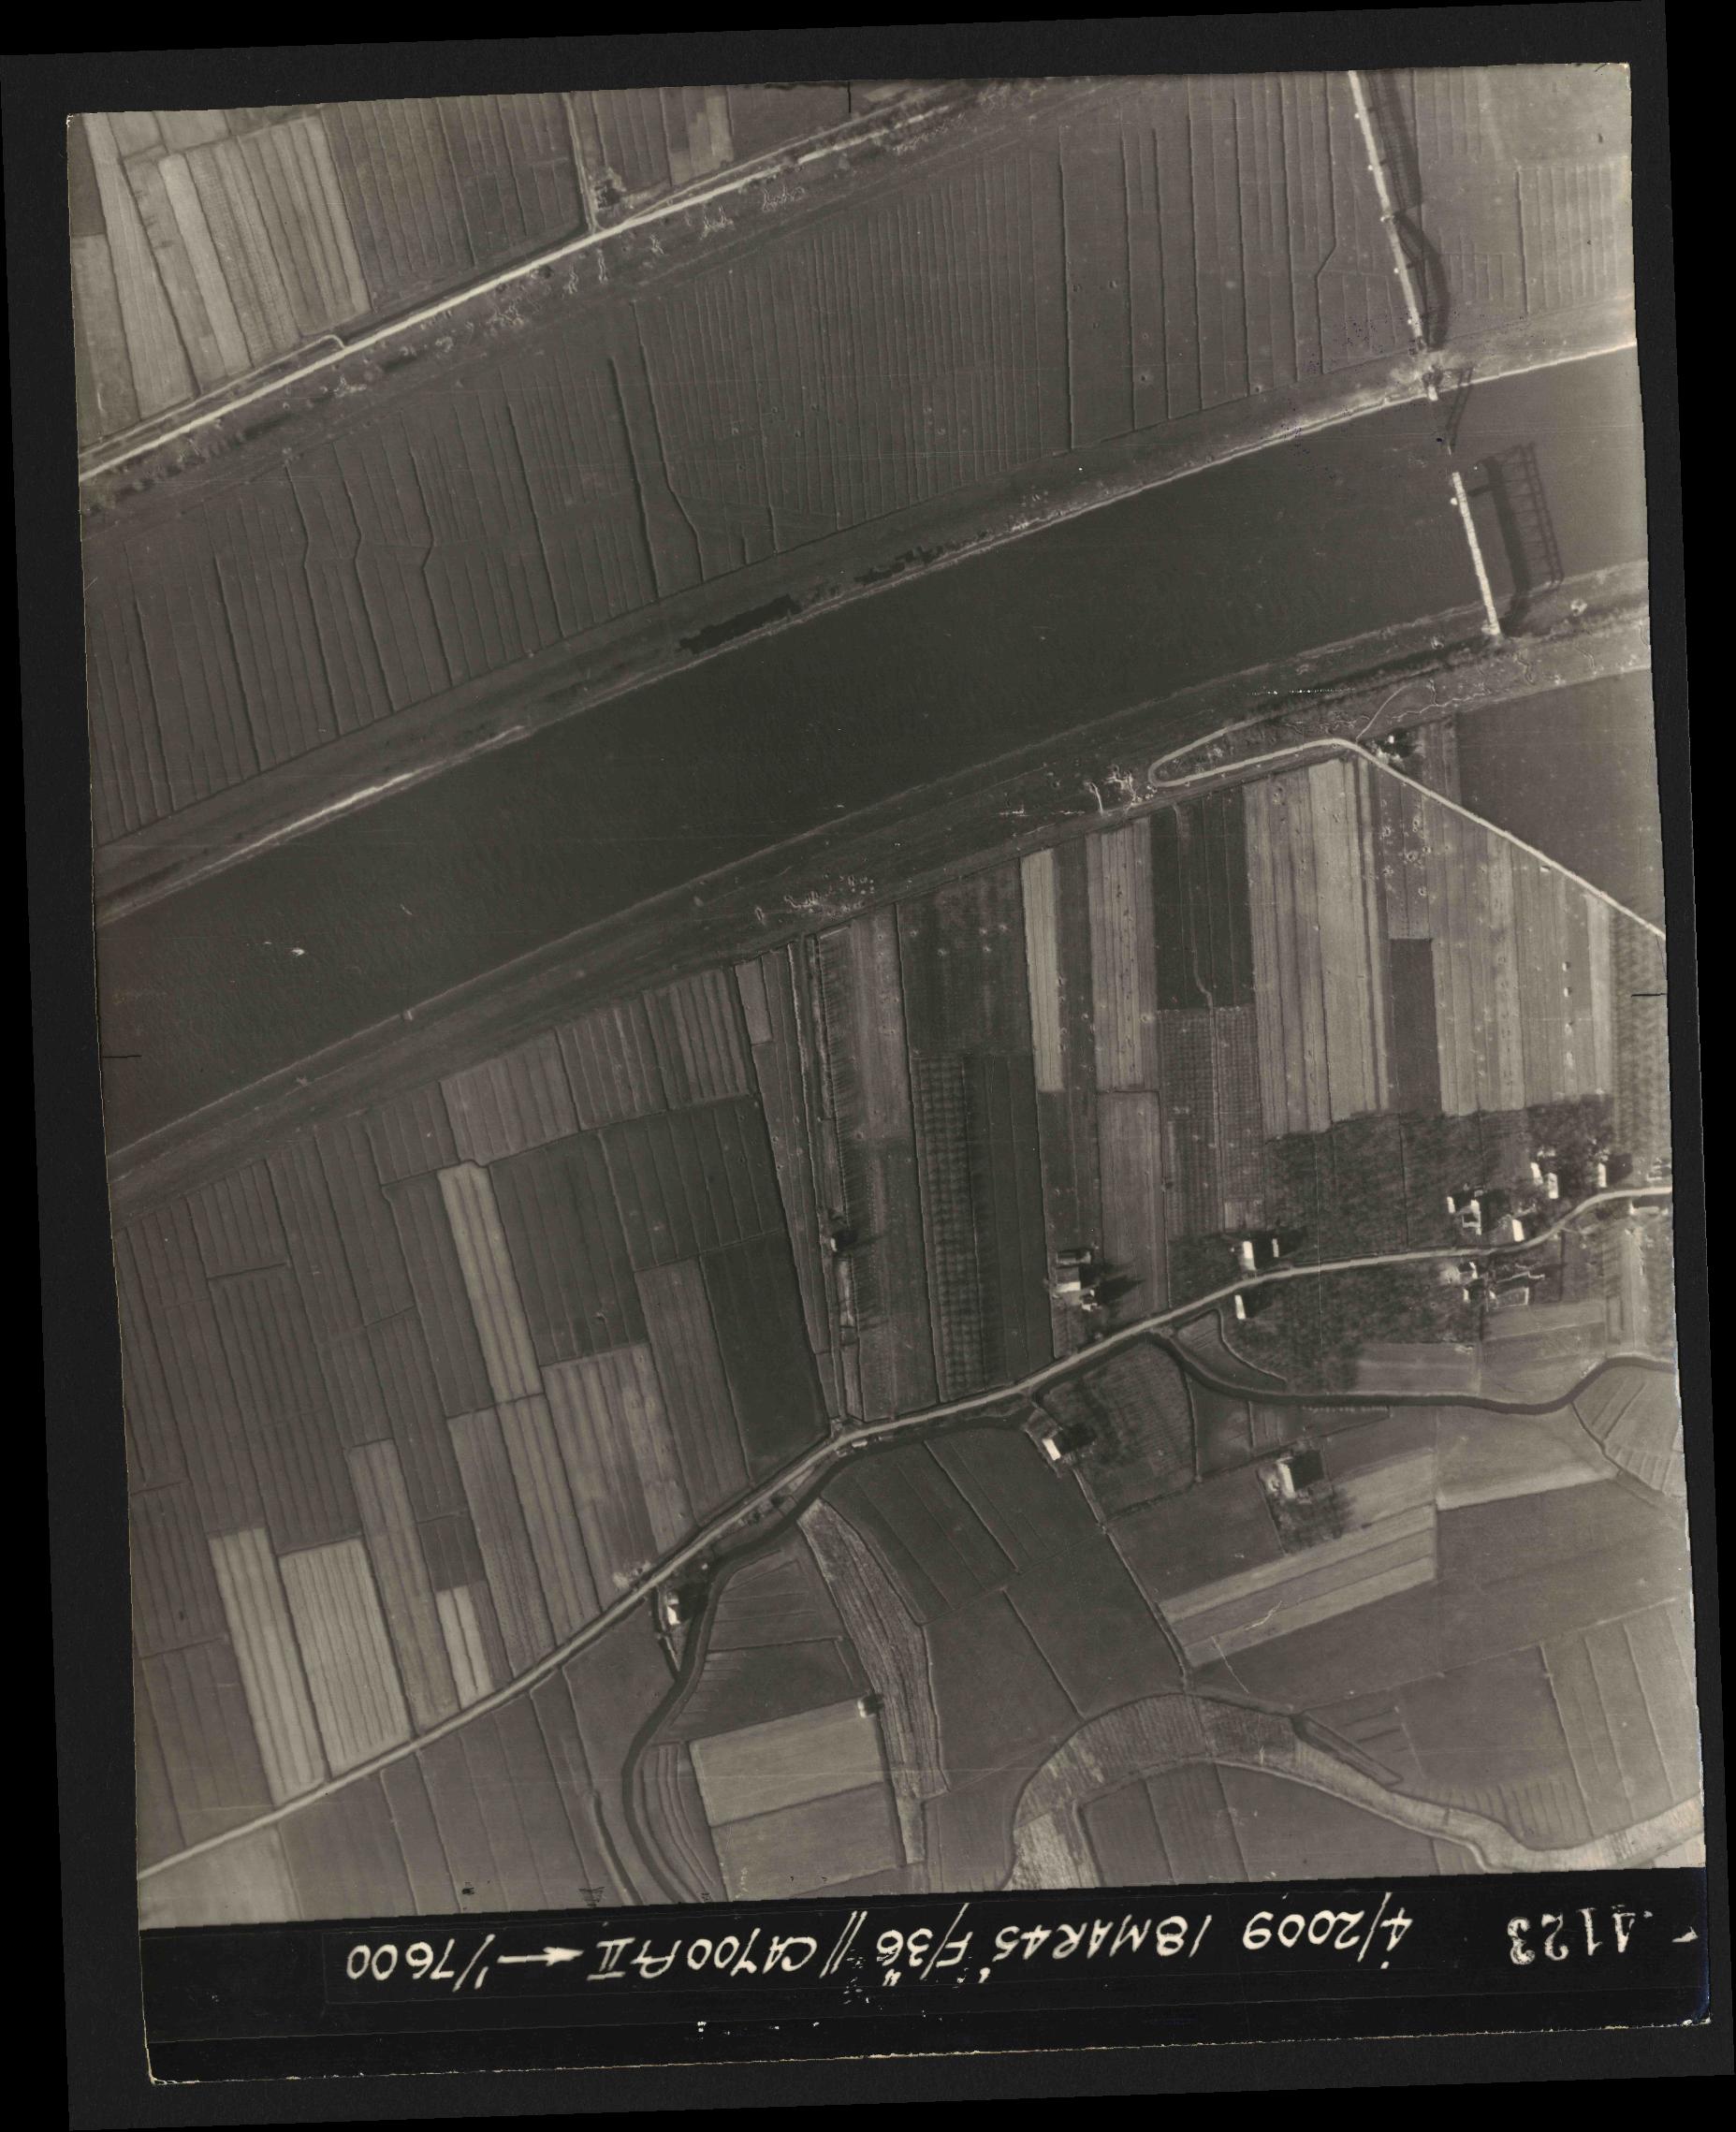 Collection RAF aerial photos 1940-1945 - flight 017, run 09, photo 4123